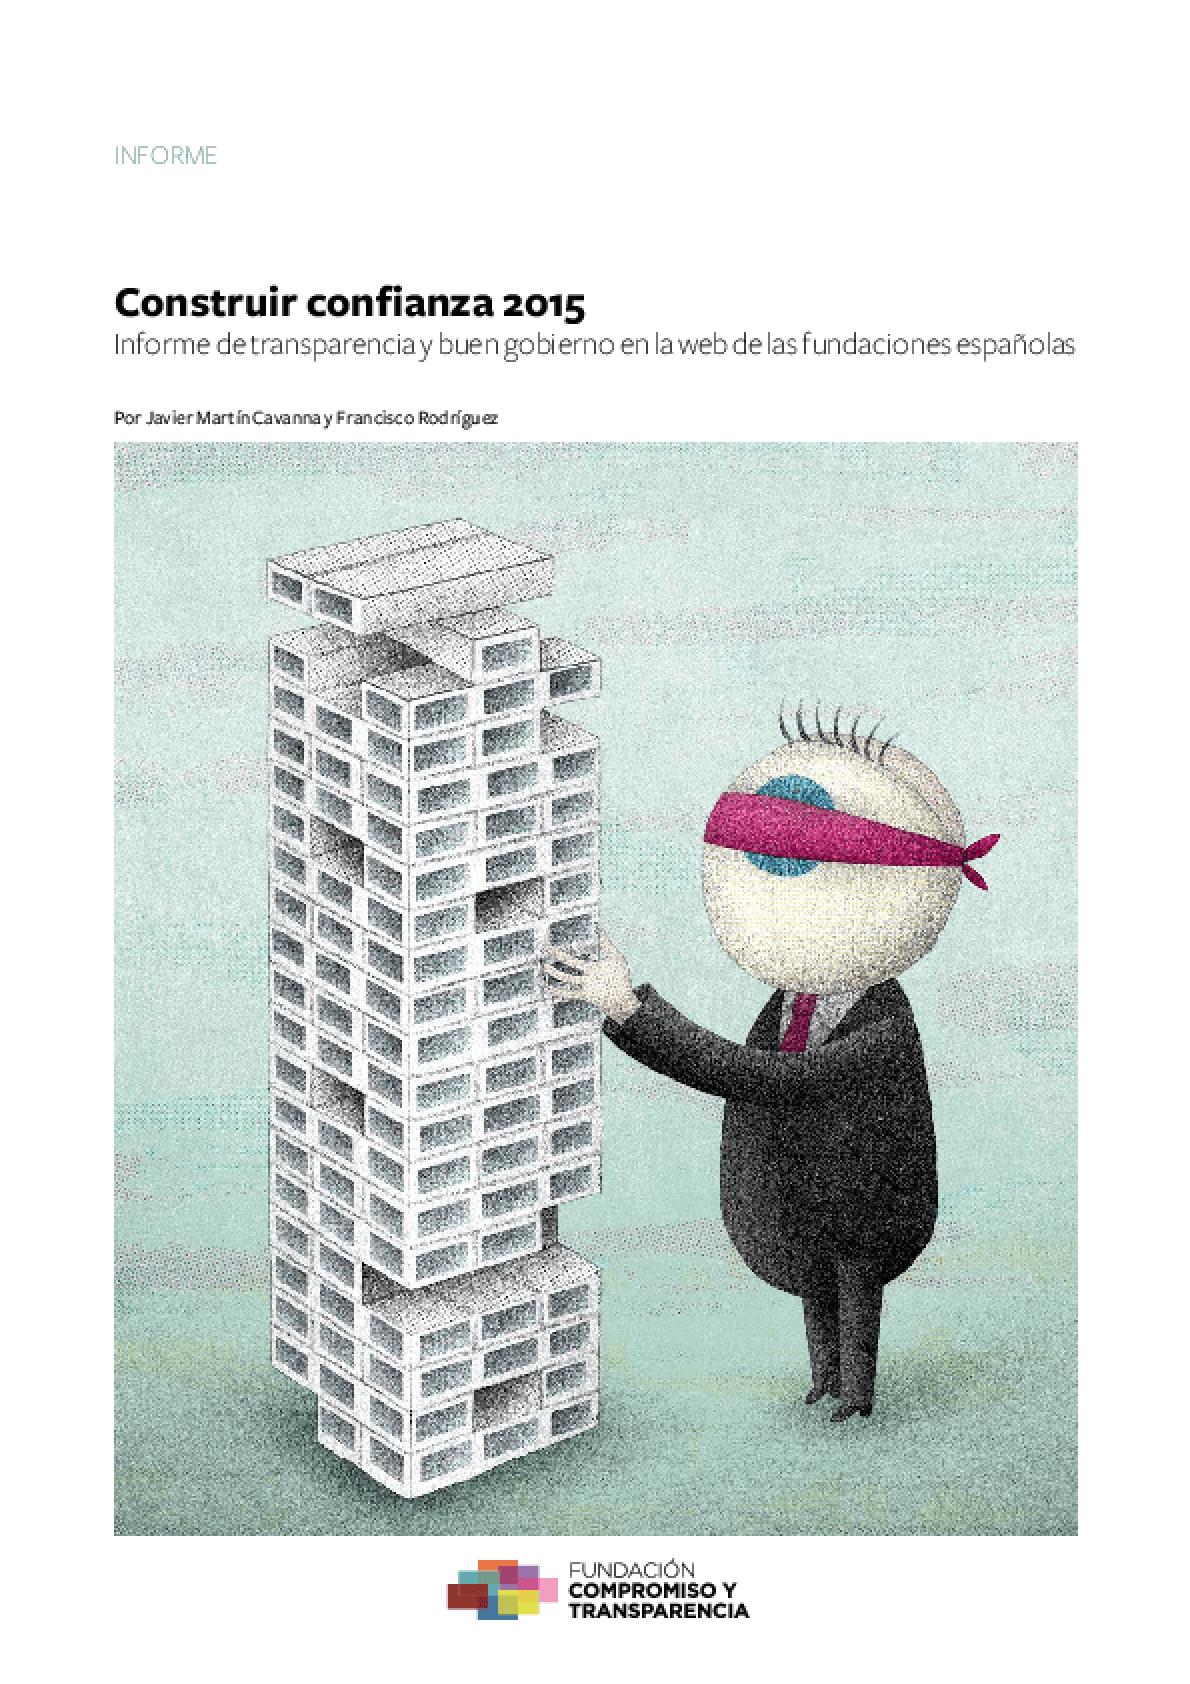 Construir confianza 2015: Informe de transparencia y buen gobierno en la web de las fundaciones españolas